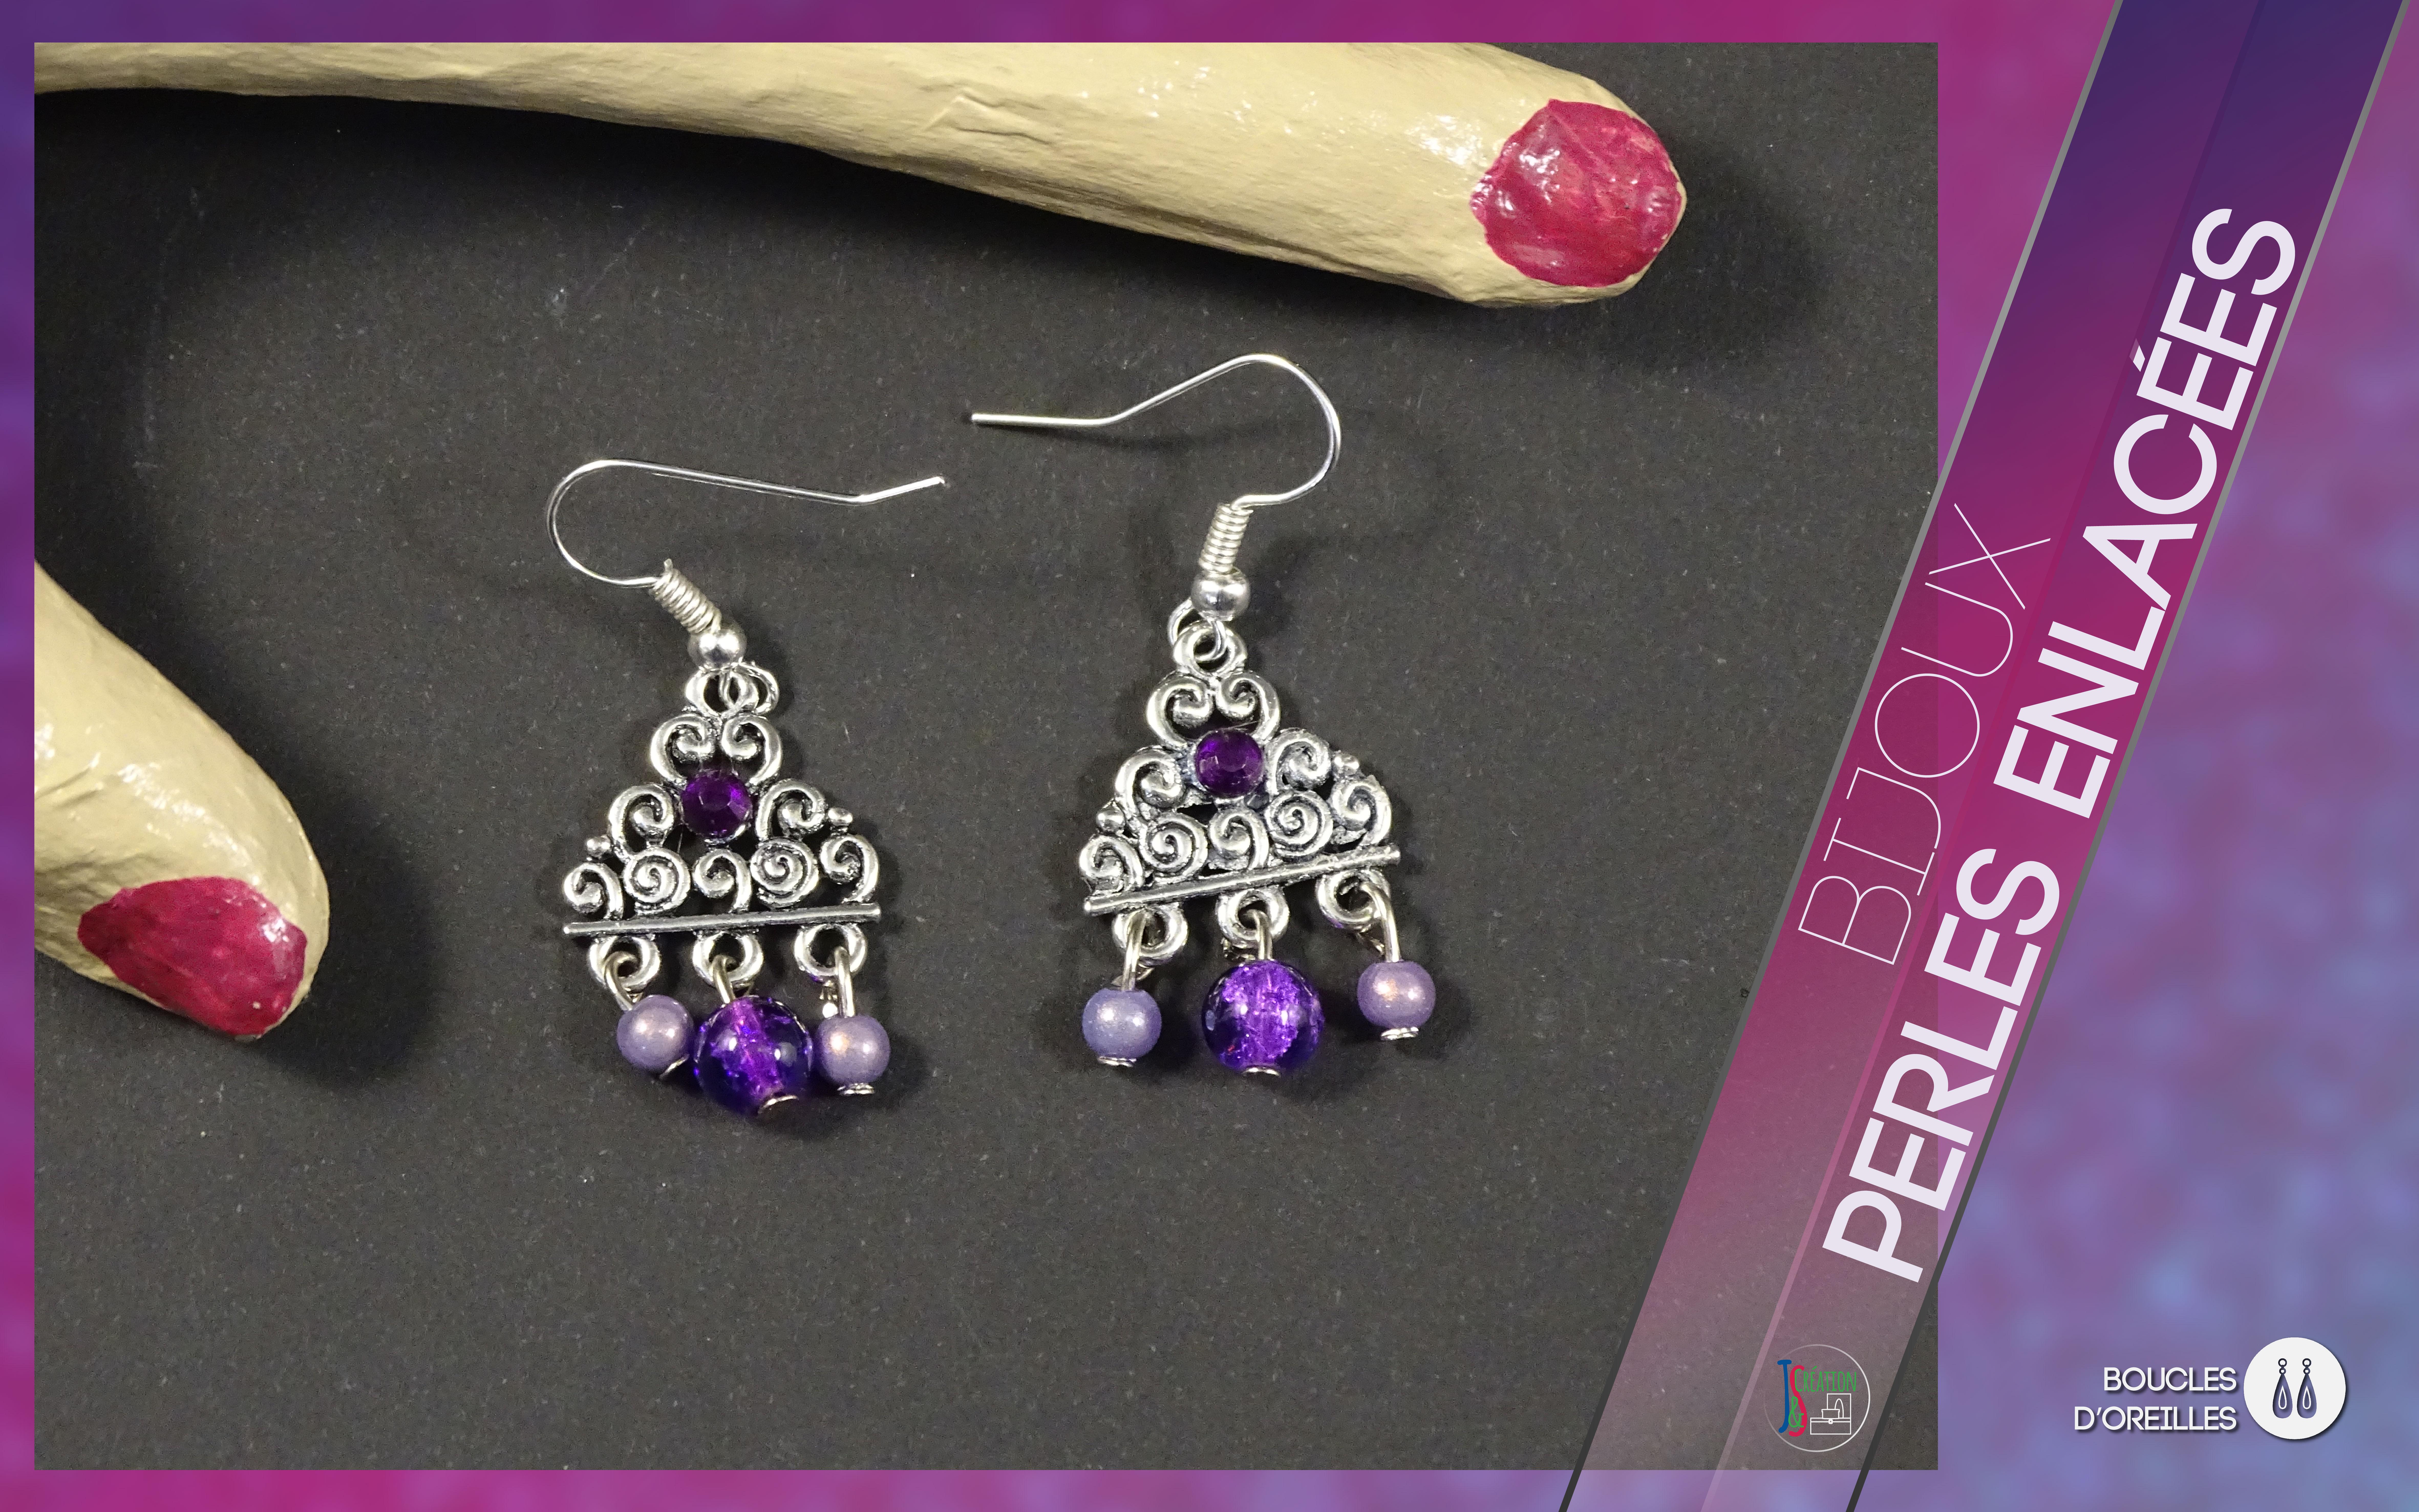 Perles enlacées Boucles d'oreilles Boucles d'oreilles métalliques décorés de nombreuses perles et breloques de toutes les couleurs. A personnaliser selon vos goûts. Bijoux vendu à l'unité : 3,50€